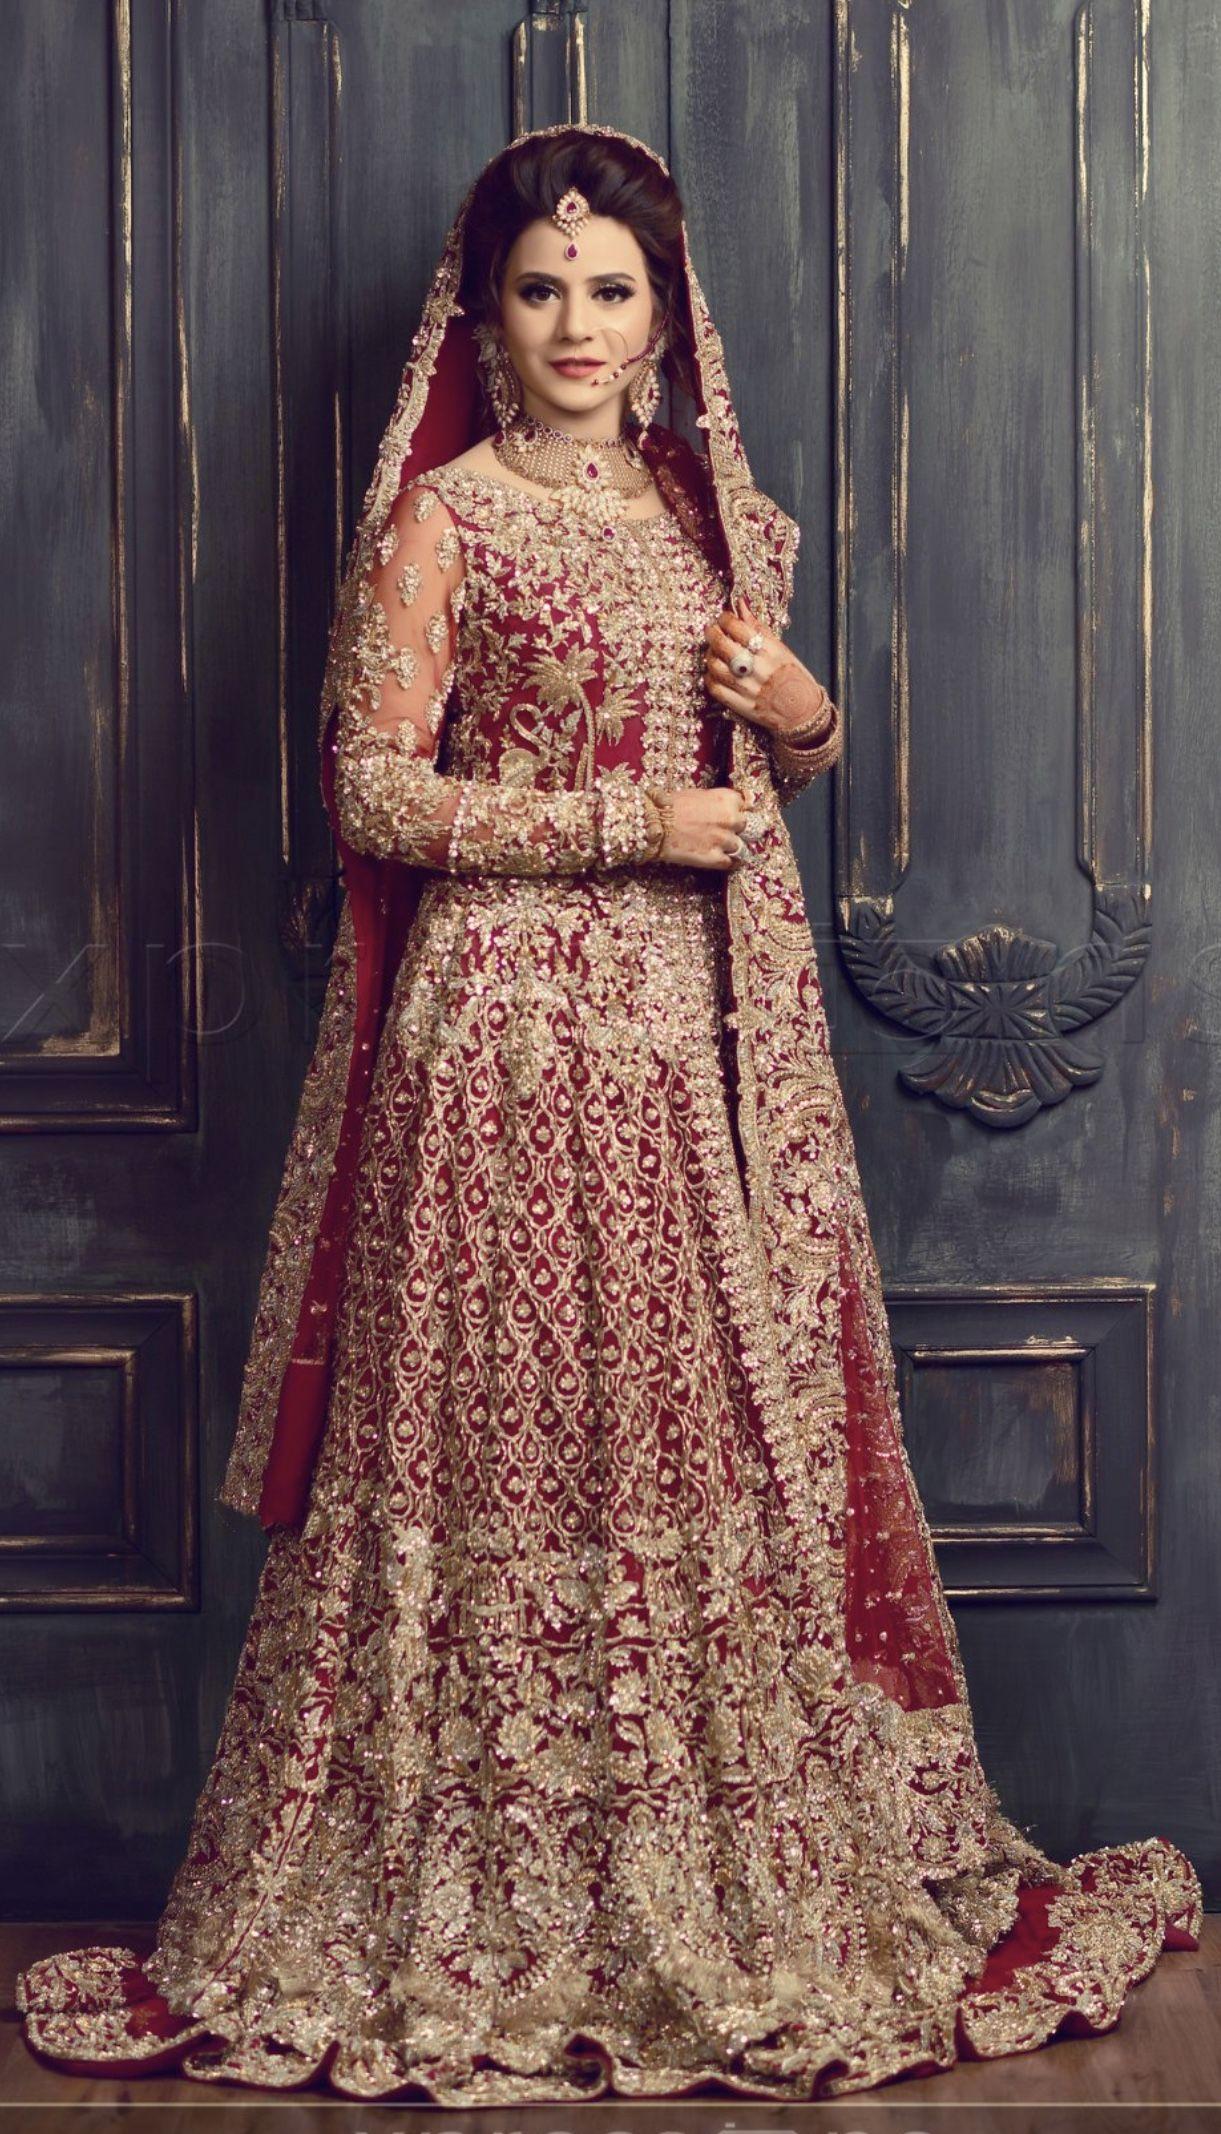 Barat bride wearing republic womens wear pakistani